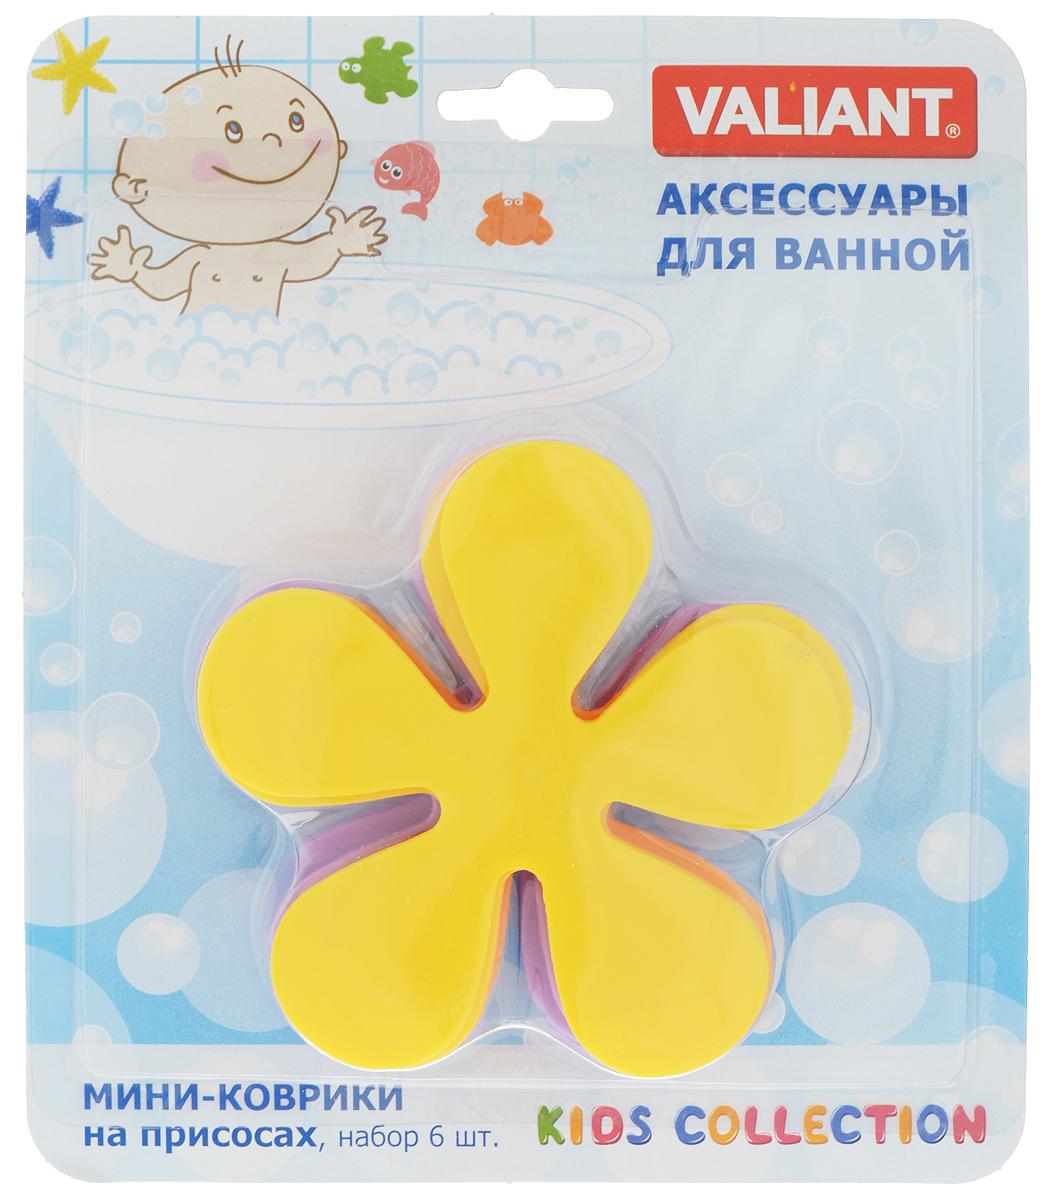 Набор мини-ковриков для ванной Valiant Цветок, на присосах, цвет: желтый, оранжевый, фиолетовый, 6 шт161Y_желтый, оранжевый, фиолетовыйНабор Valiant Цветок, выполненный из полимерных материалов высокого качества, состоит из 6 мини-ковриков в виде цветка. Мини- коврики - это модный и экономичный способ сделать вашу ванную комнату более уютной, красивой и безопасной. Изделия крепятся на любую поверхность с помощью вакуумных присосок. Вы сможете расположить их там, где вам необходимо яркое цветовое пятно и одновременно - надежная противоскользящая опора. Такие мини-коврики незаменимы при купании маленького ребенка, он не поскользнется и не упадет, держась за мягкую и приятную на ощупь рифленую поверхность изделия. Размер мини-коврика: 10,5 х 10,5 см. Количество: 6 шт.